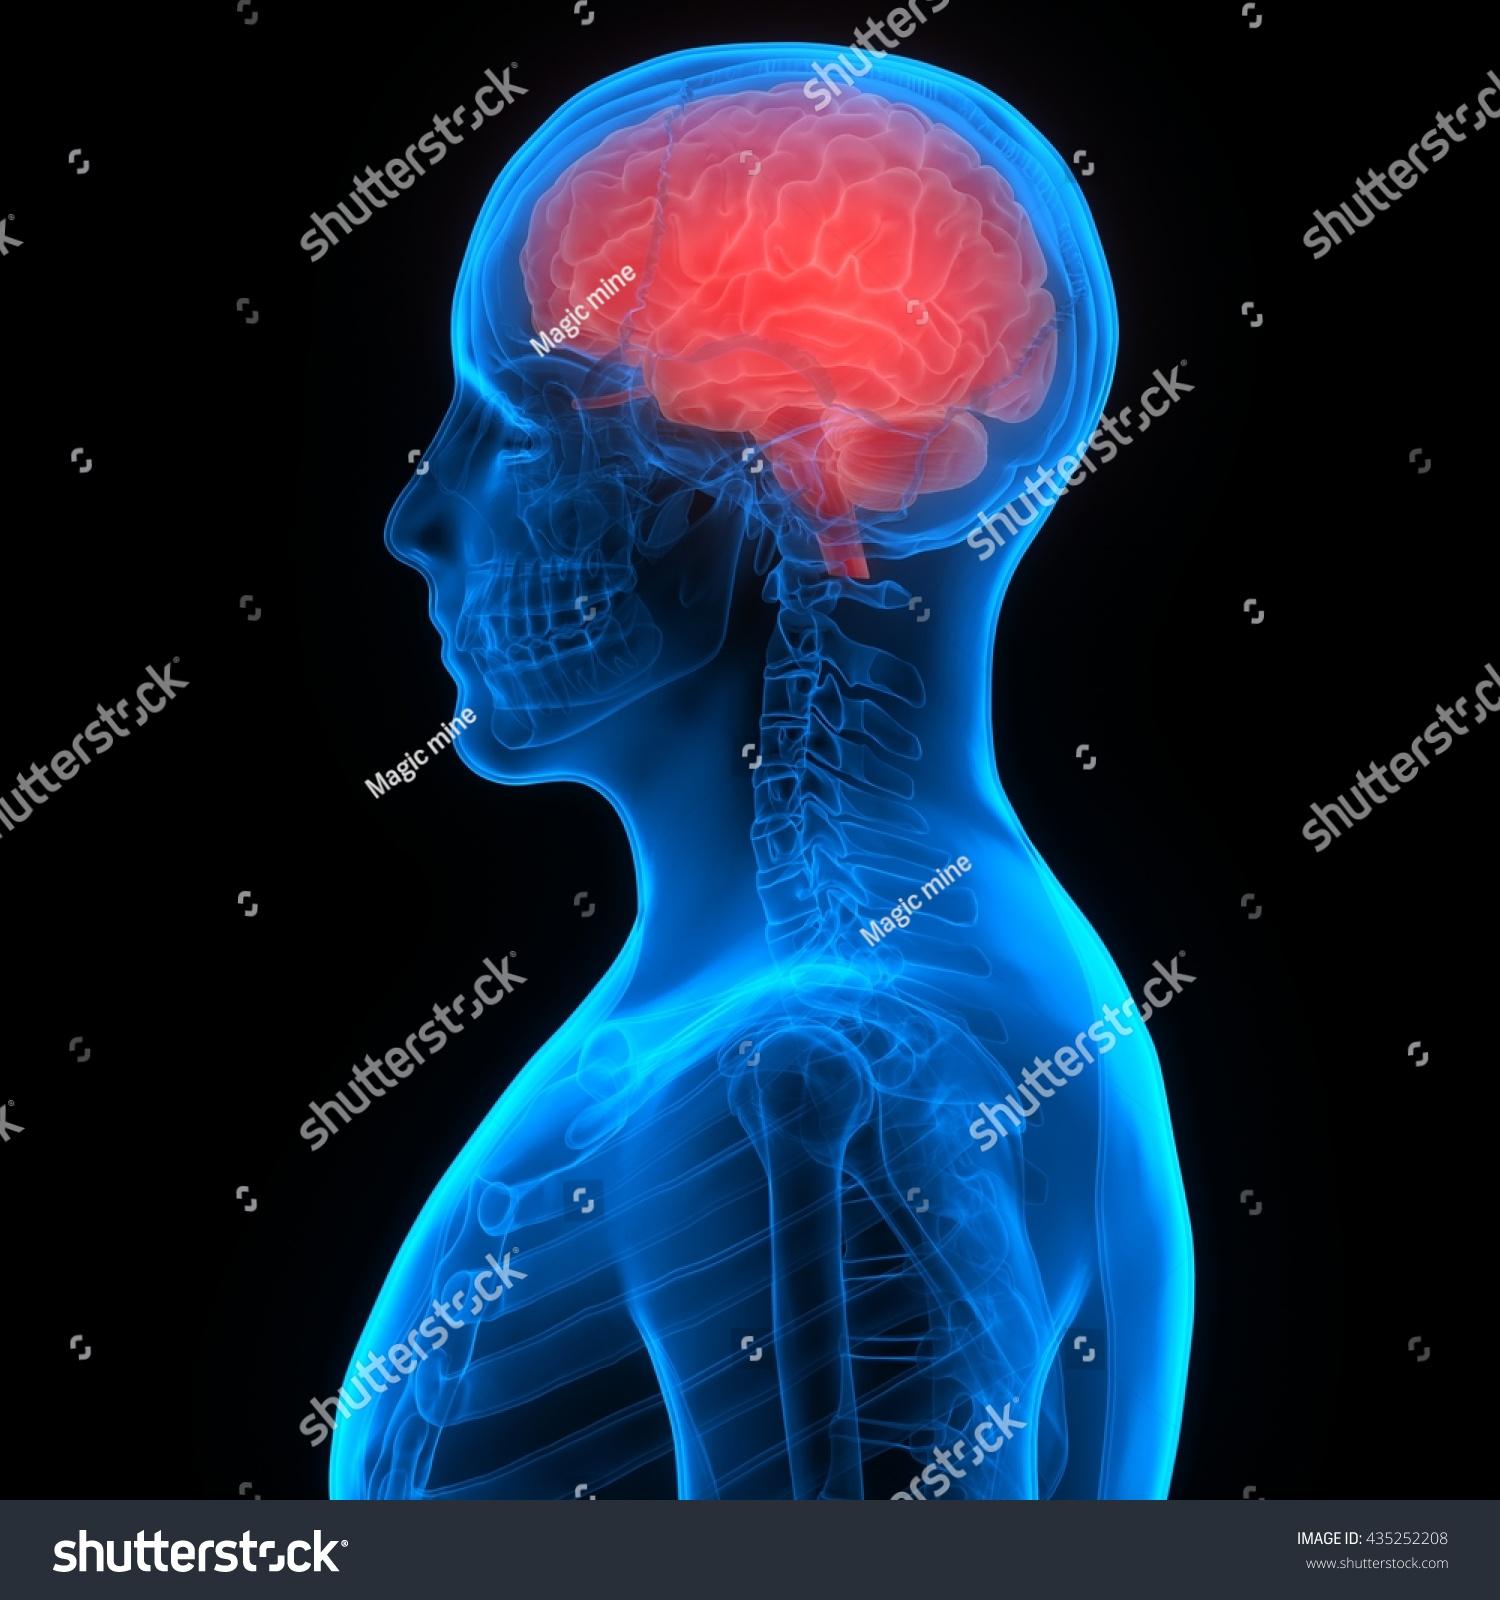 Human Brain Anatomy 3 D Stock Illustration 435252208 - Shutterstock